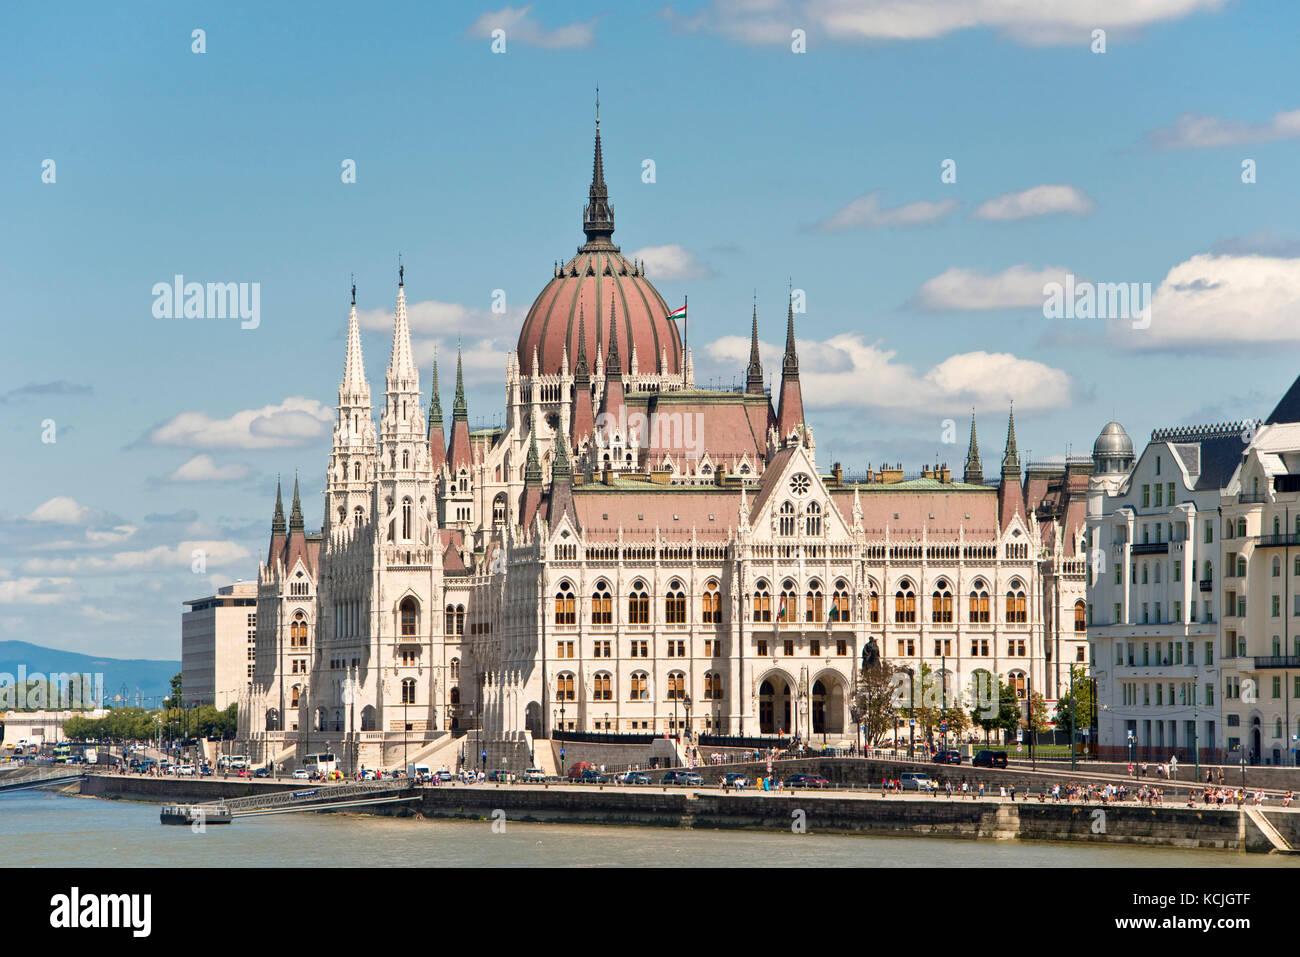 Une vue sur le parlement hongrois s'appuyant sur le Danube à Budapest lors d'une journée ensoleillée Photo Stock